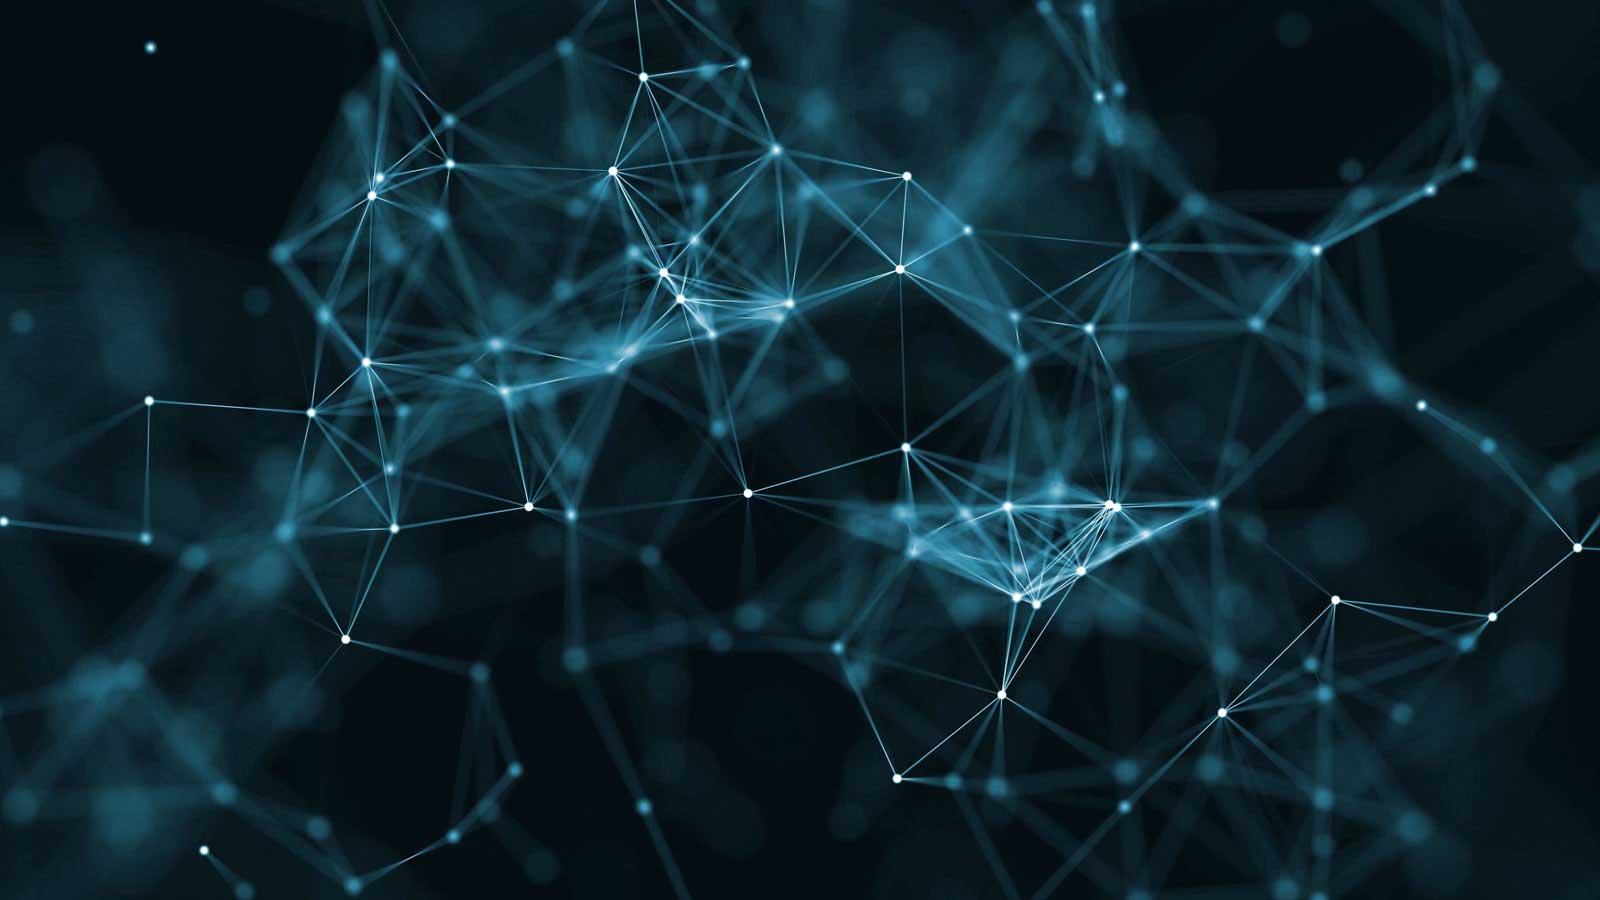 Webitcoin: Patente da General Motors considera unir blockchain e veículos autônomos